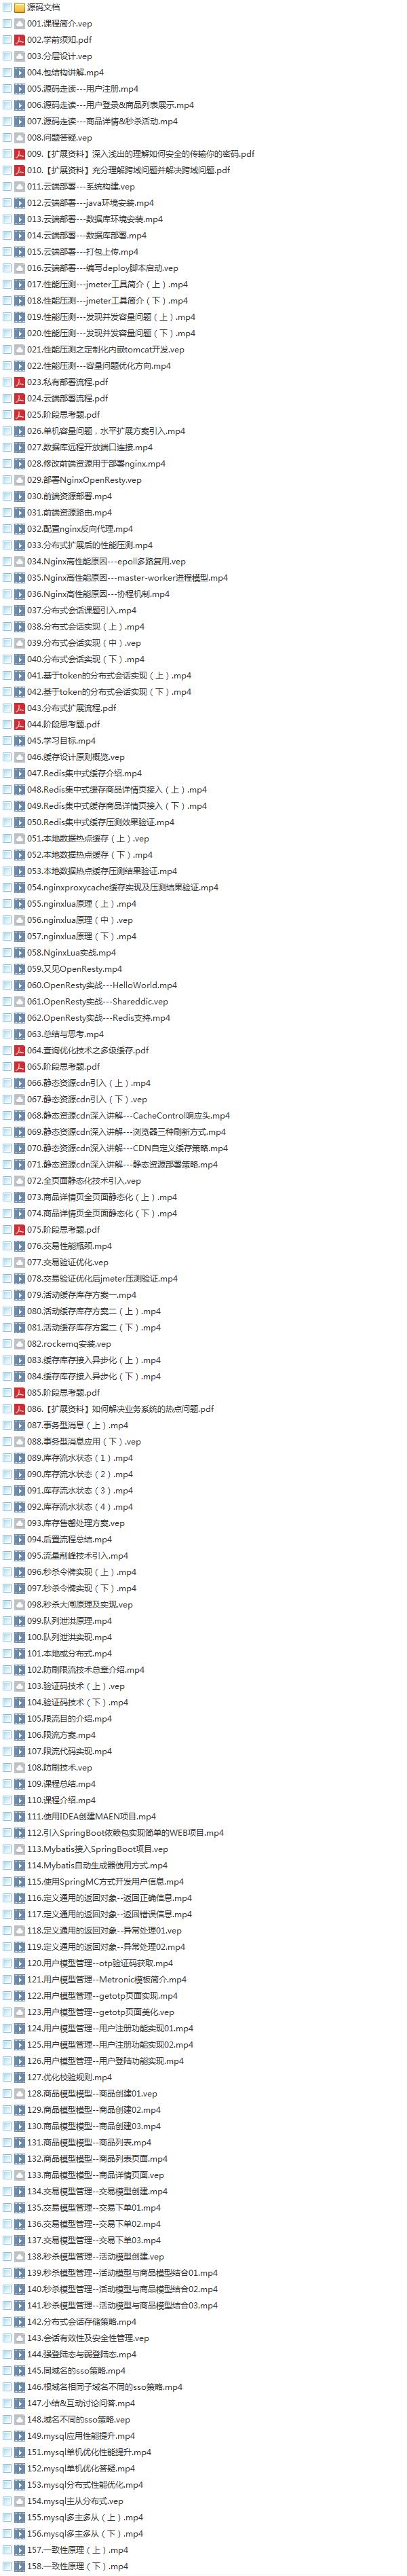 33套Java基础到大牛高薪视频教程,零到架构,Java精讲,框架精讲,高薪进阶,高效编程,全栈Java调优,网络编程,权限框架,微服务,多线程,支付项目实战,OA工作流,日志框架,大厂面试,大型项目实战系列教程插图(41)